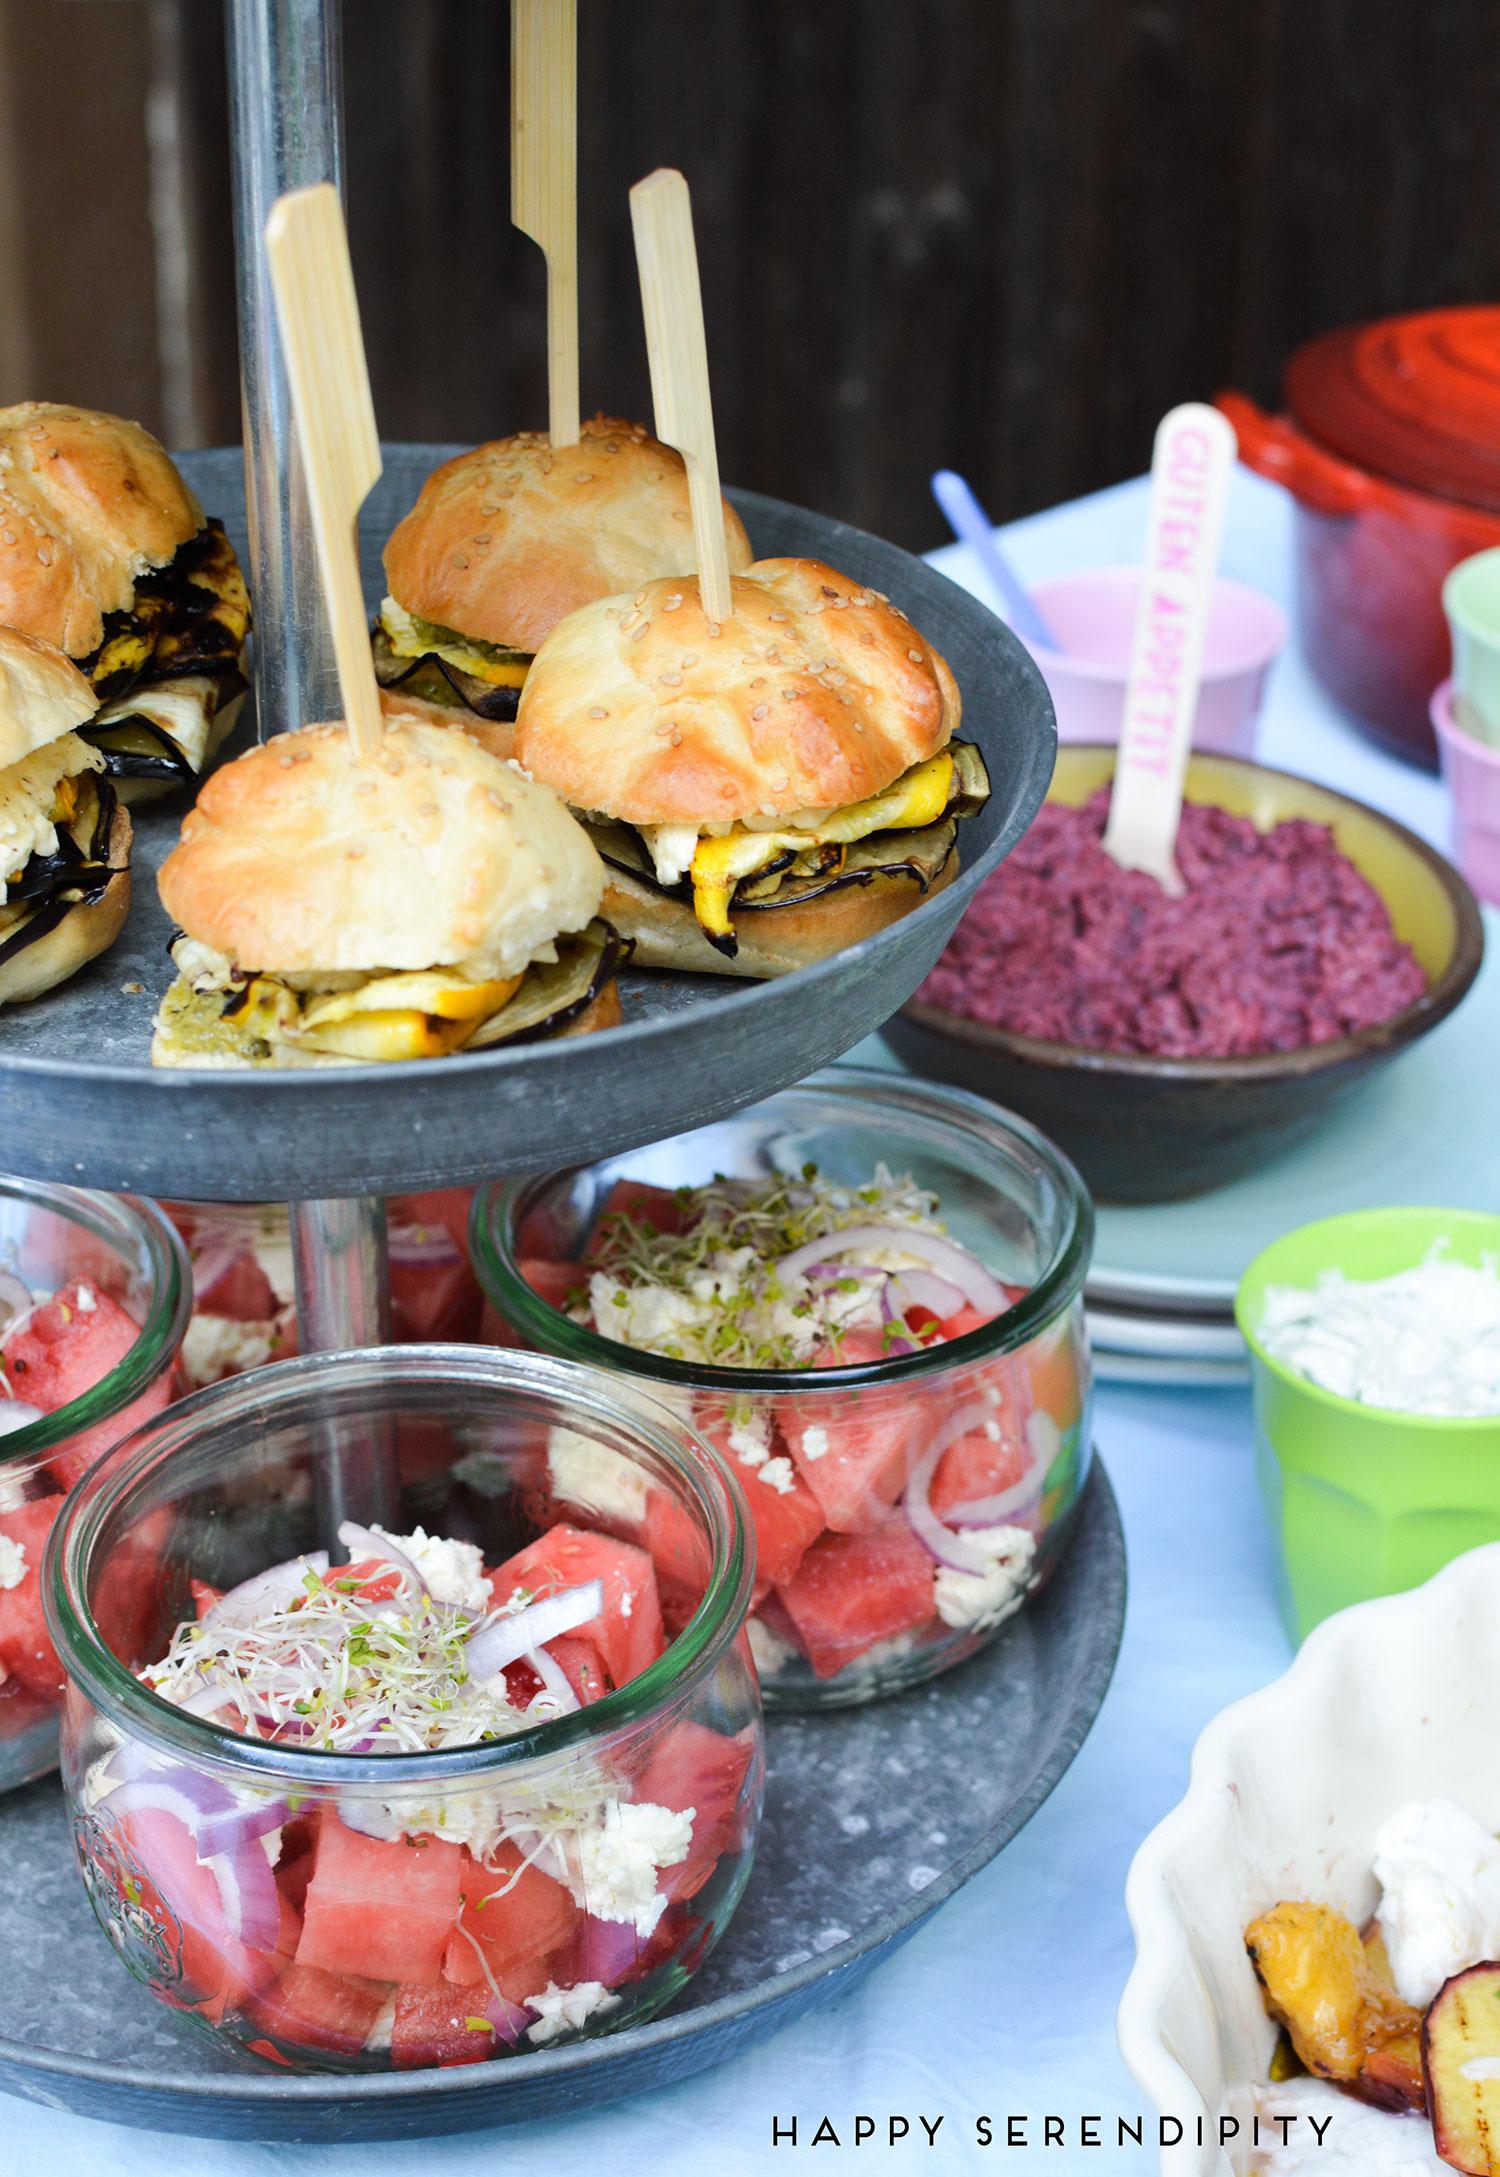 vegetarische mini-burger-mit-wassermelonen-feta-salat,-grillrezepte-von-happy-serendipity-und-francos-grillgarage,-happy-serendipity,-francos-grillgarage